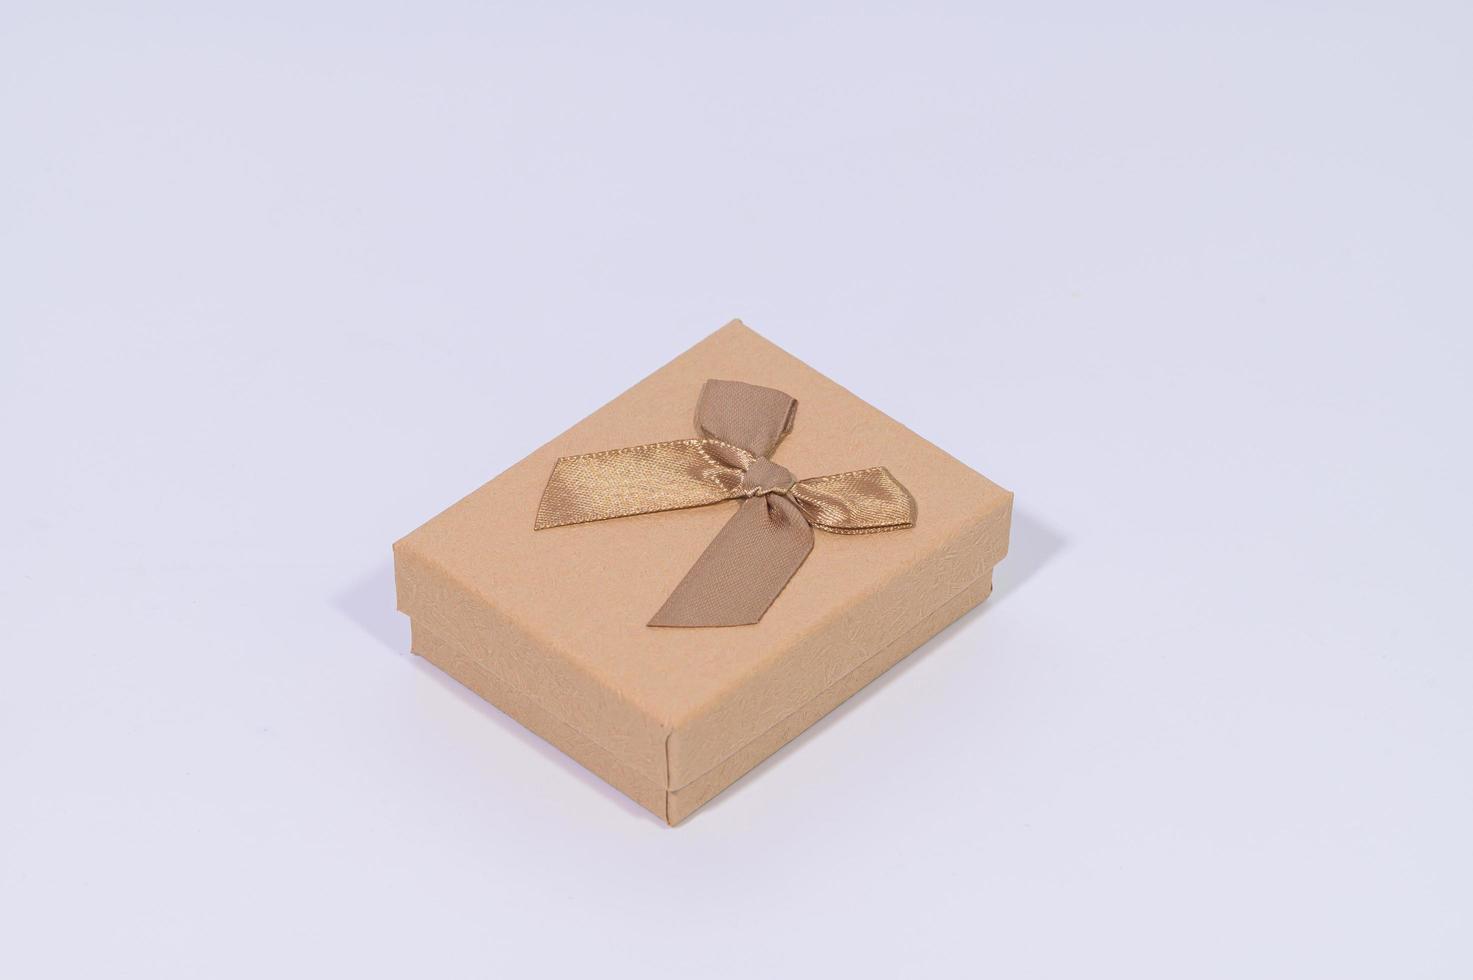 braune Geschenkbox auf weißem Hintergrund foto